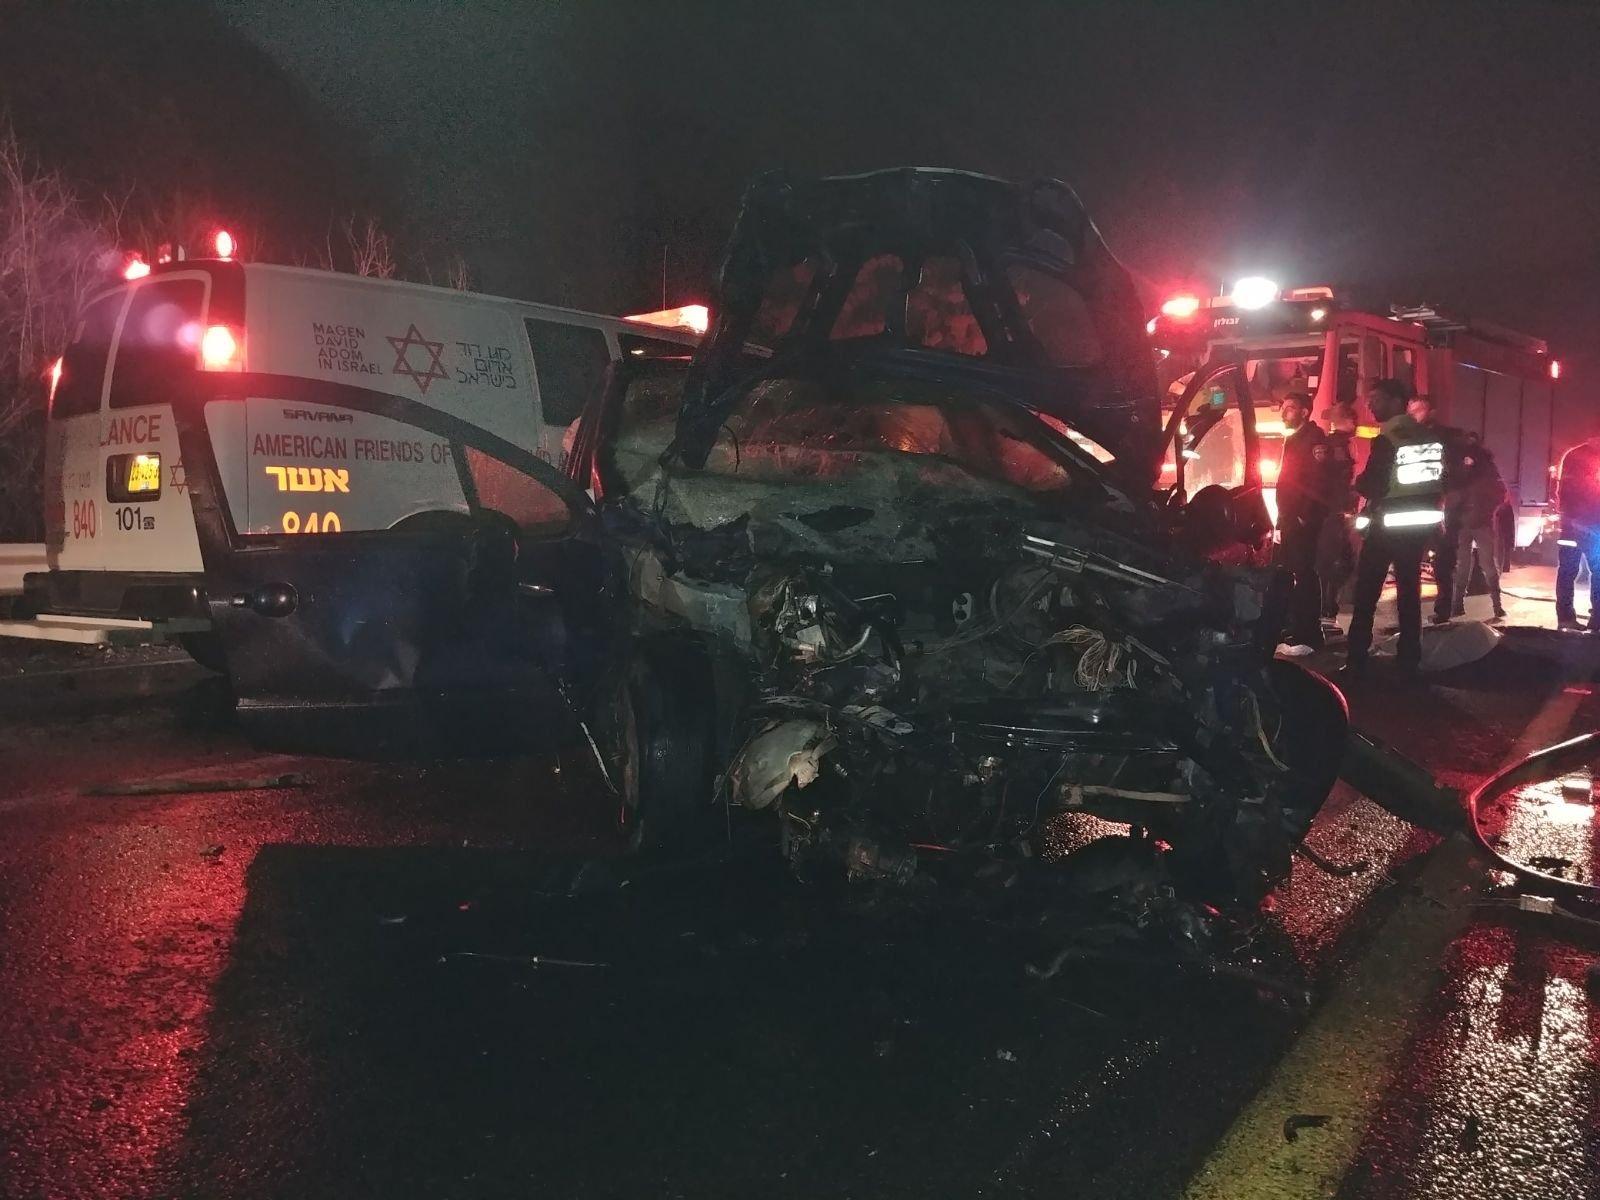 قتيلان و3 جرحى كلهم عرب بحادث وانفجار سيارة قرب مفترق الكابري-1